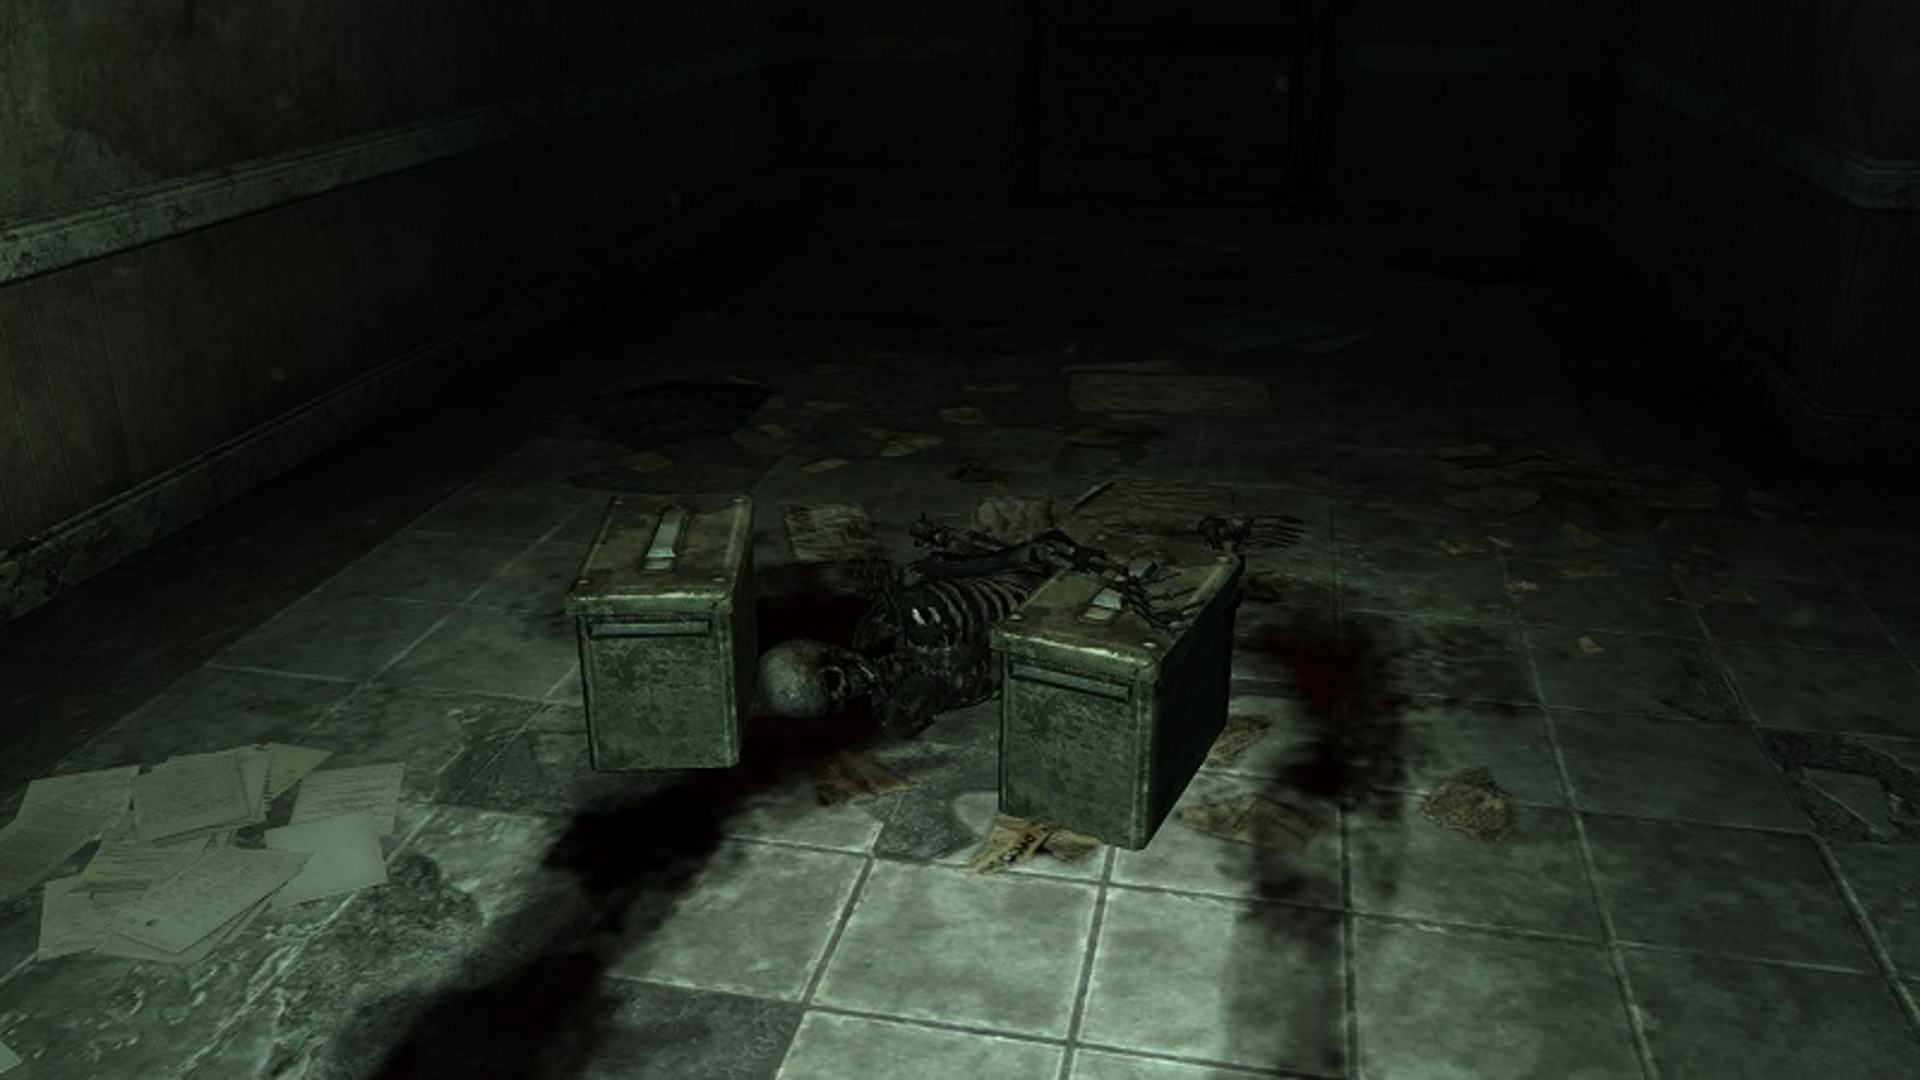 Billy (Dunwich Building) | Fallout Wiki | FANDOM powered by Wikia on fallout 3 dunwich ruins, fallout journal, fallout 3 dunwich bobblehead, subway under capitol building, fallout 3 chryslus building, fallout dunwich horror,